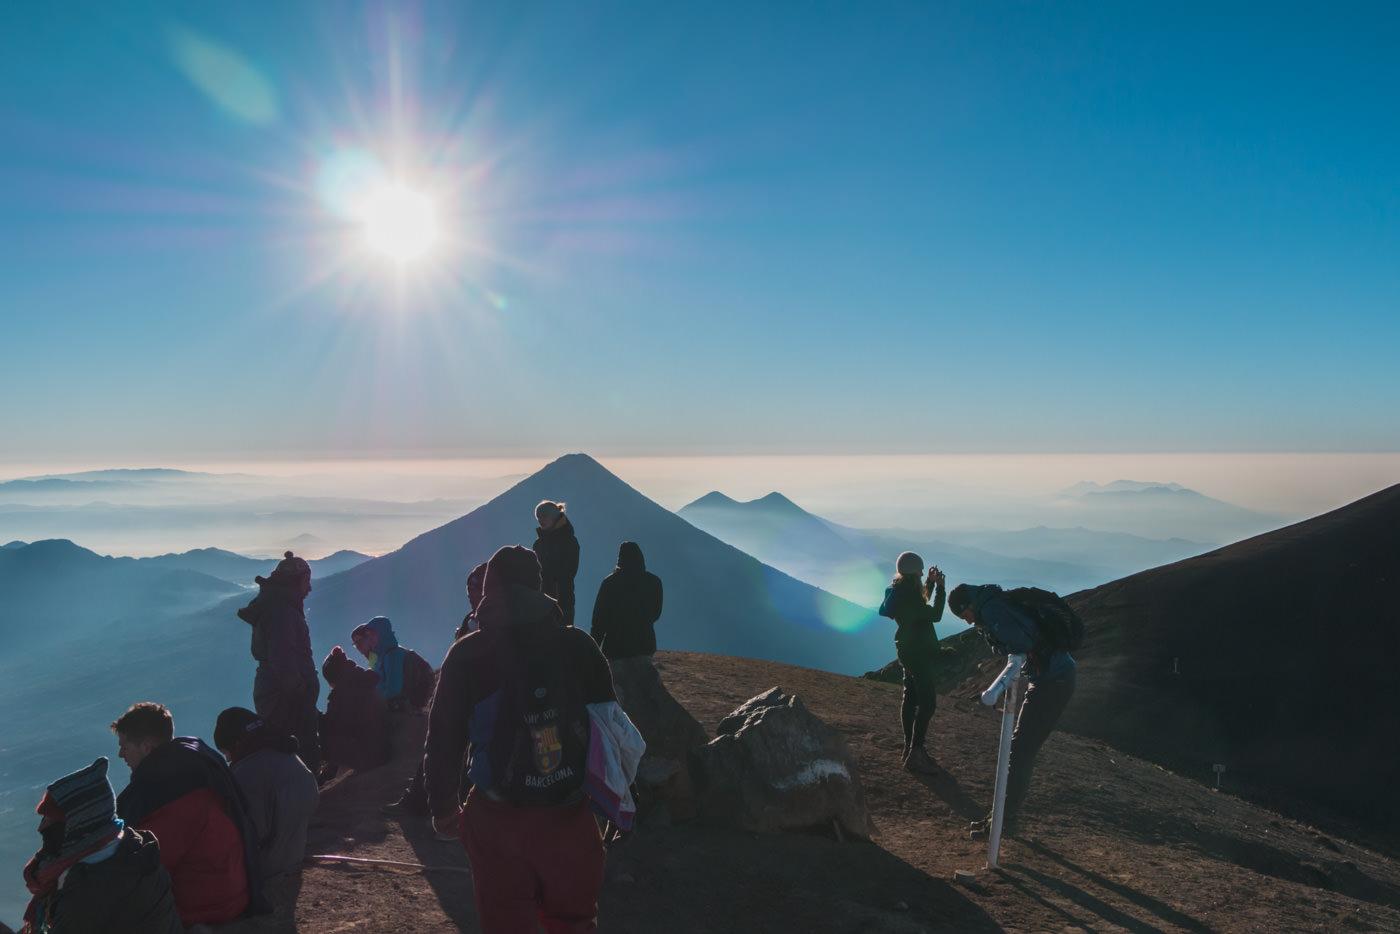 Abstieg vom Vulkan Acatenango mit Blick auf den Vulkan Fuego